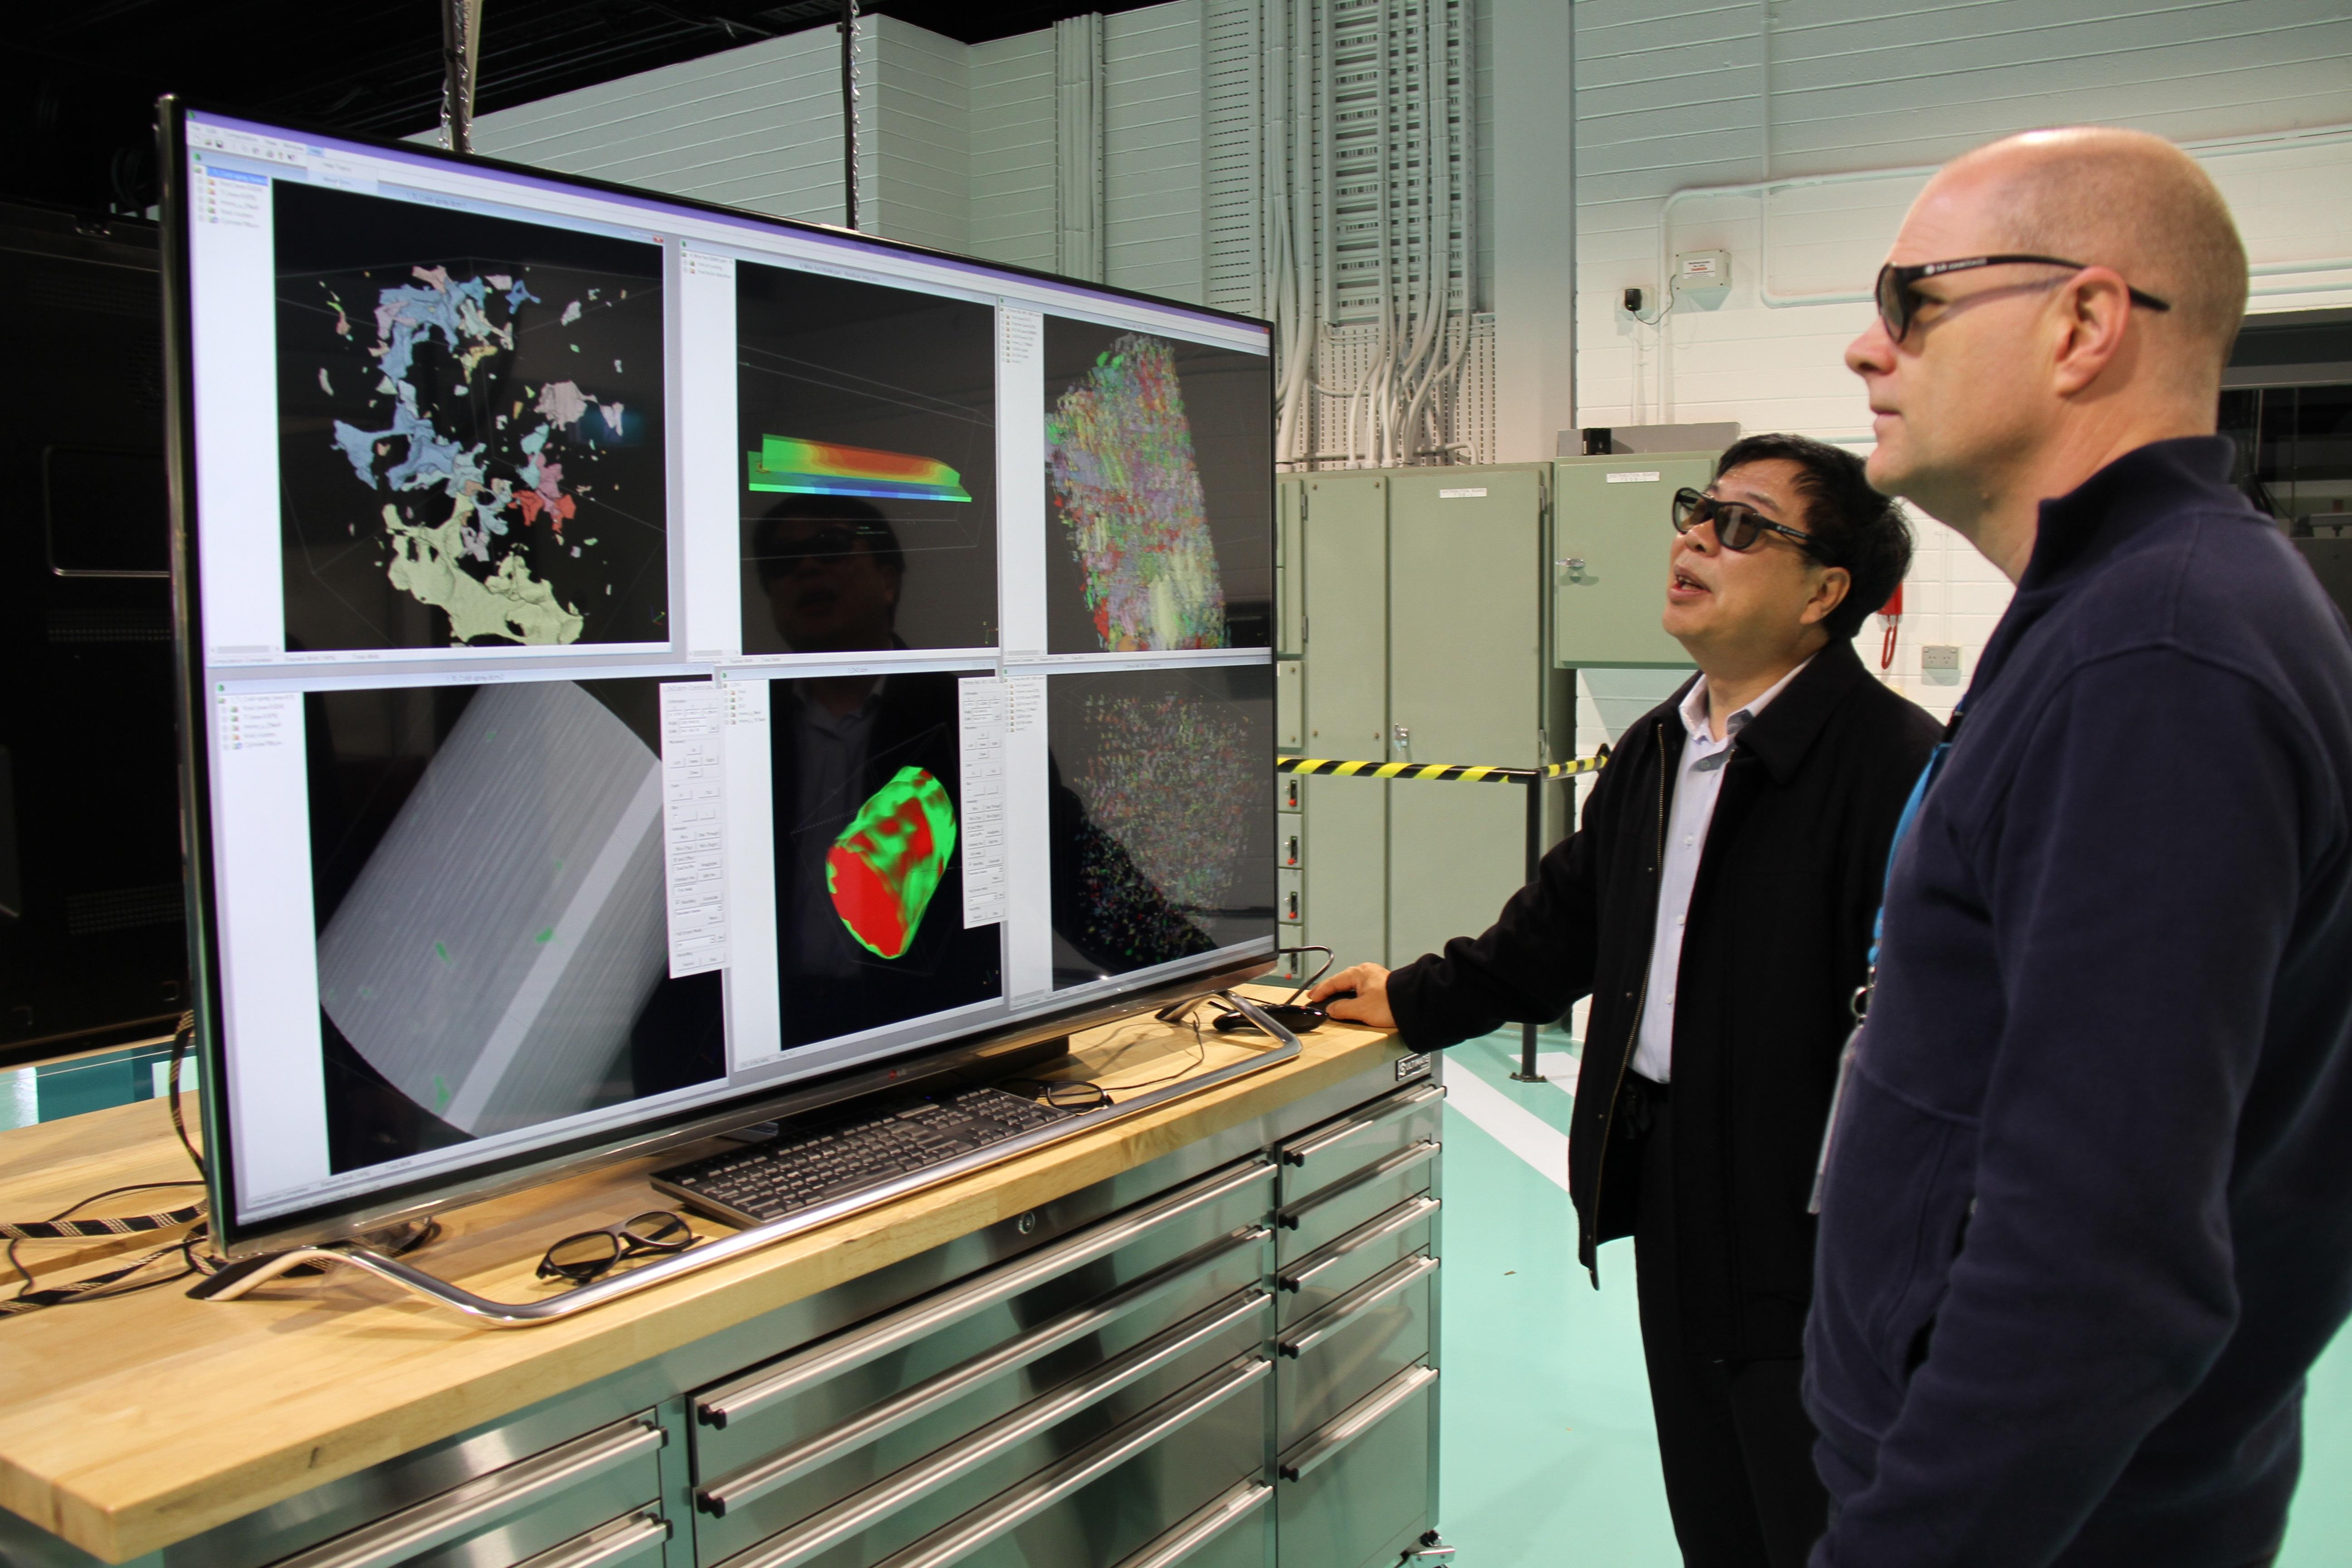 Phòng thí nghiệm số 22 nổi tiếng của CSIRO phá vỡ những rào cản để đưa công nghệ in 3D vào các doanh nghiệp nhỏ. Nguồn: CSIRO